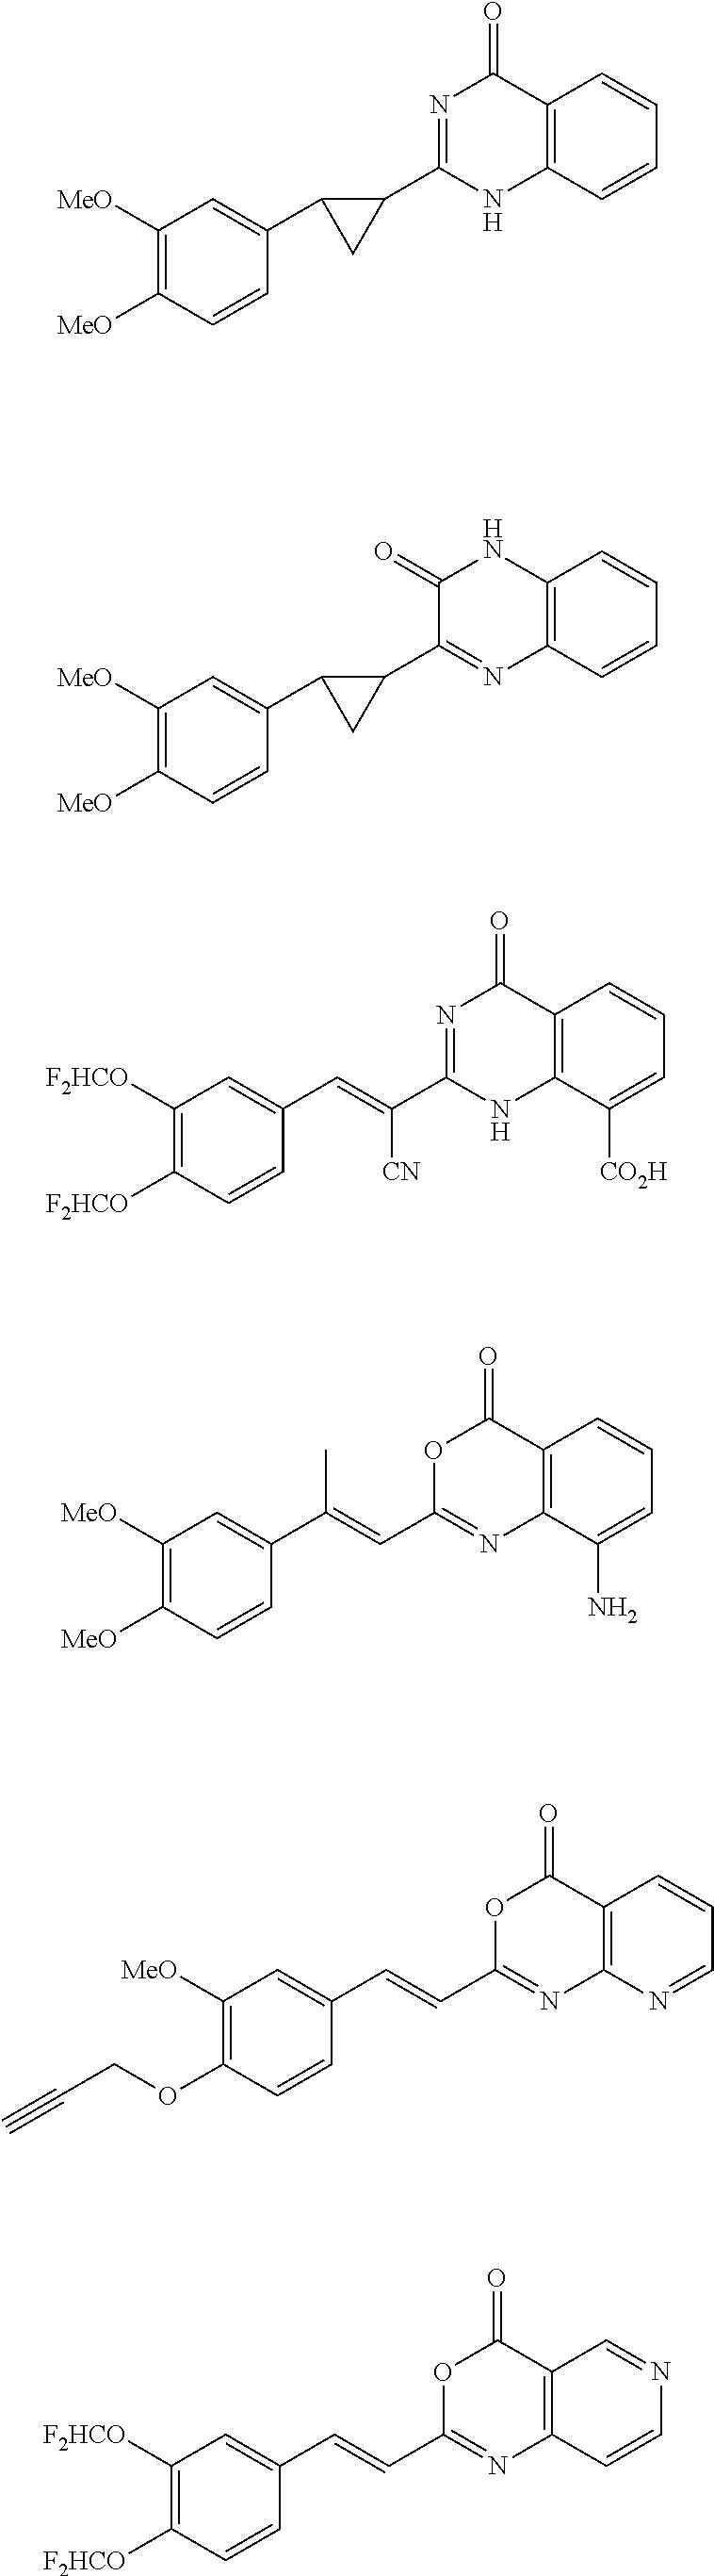 Figure US09951087-20180424-C00058